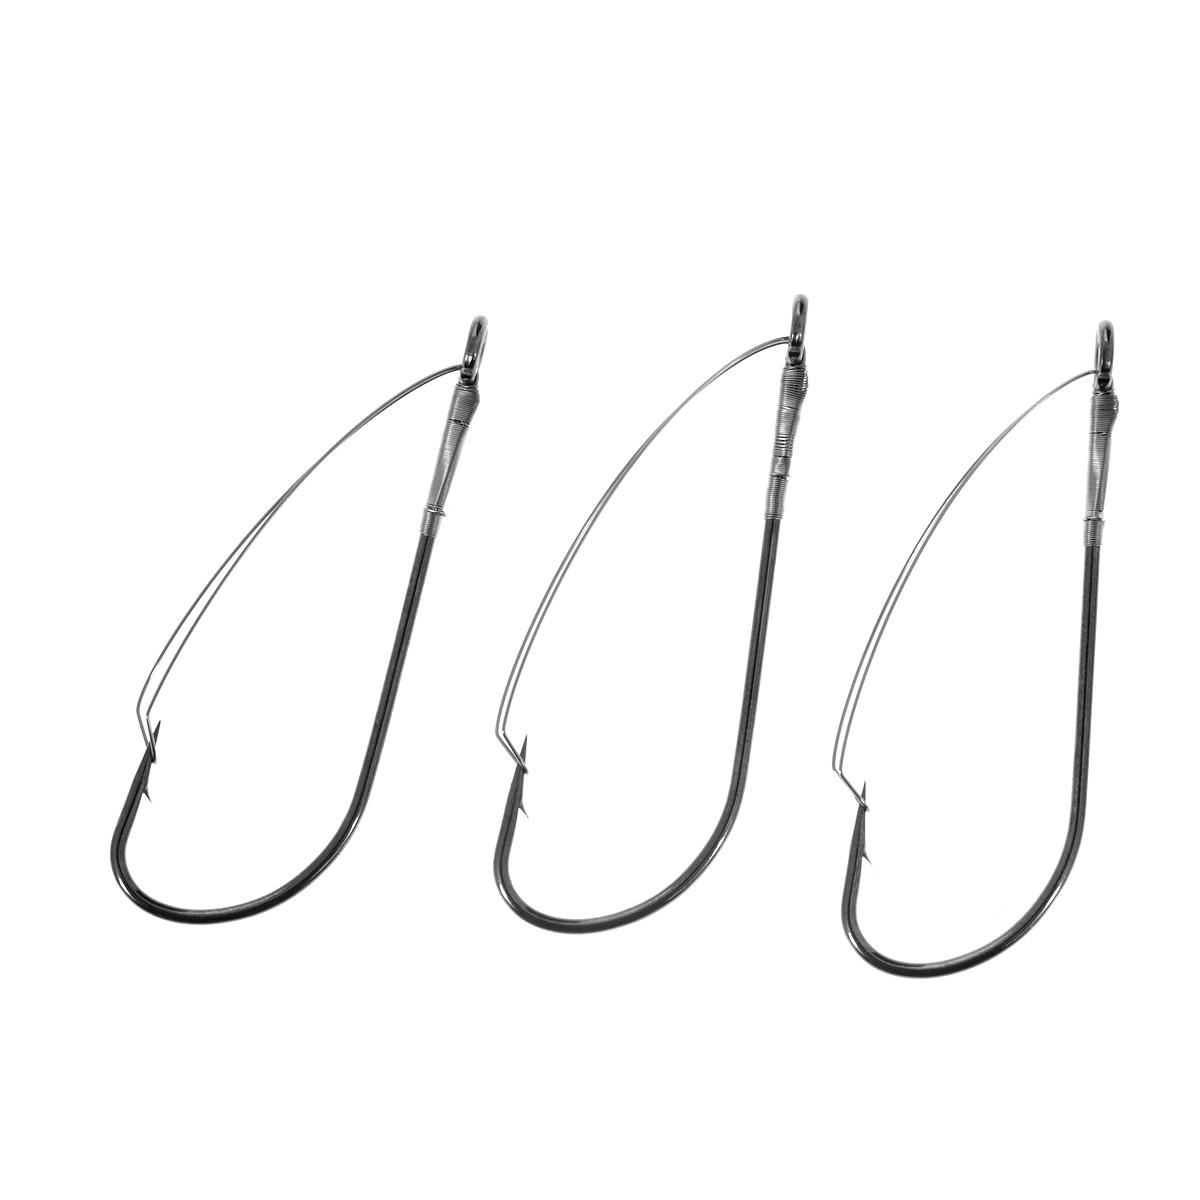 Крючки рыболовные Cobra Weedless, цвет: черный, размер 3/0, 3 шт